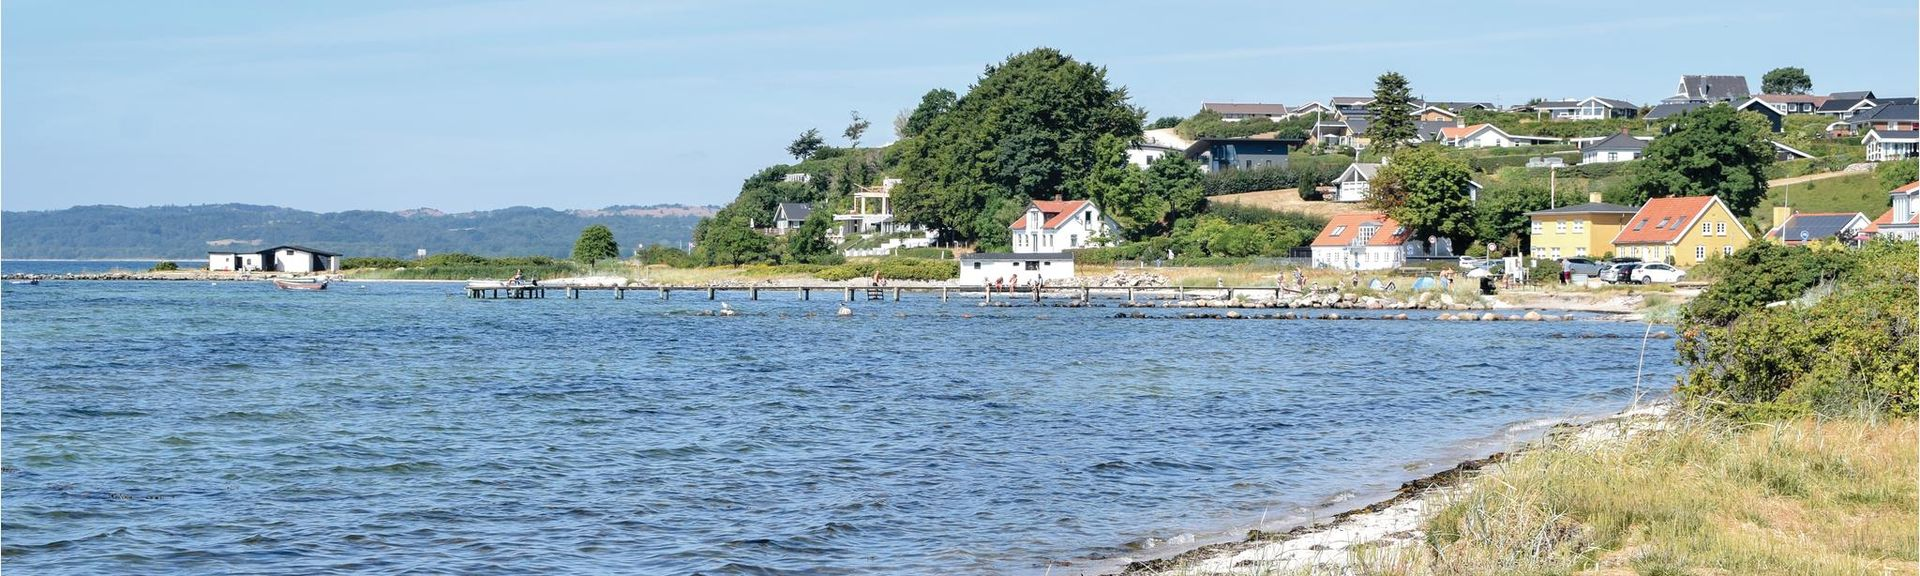 Vibæk Strand, Ebeltoft, Jutland central, Danemark